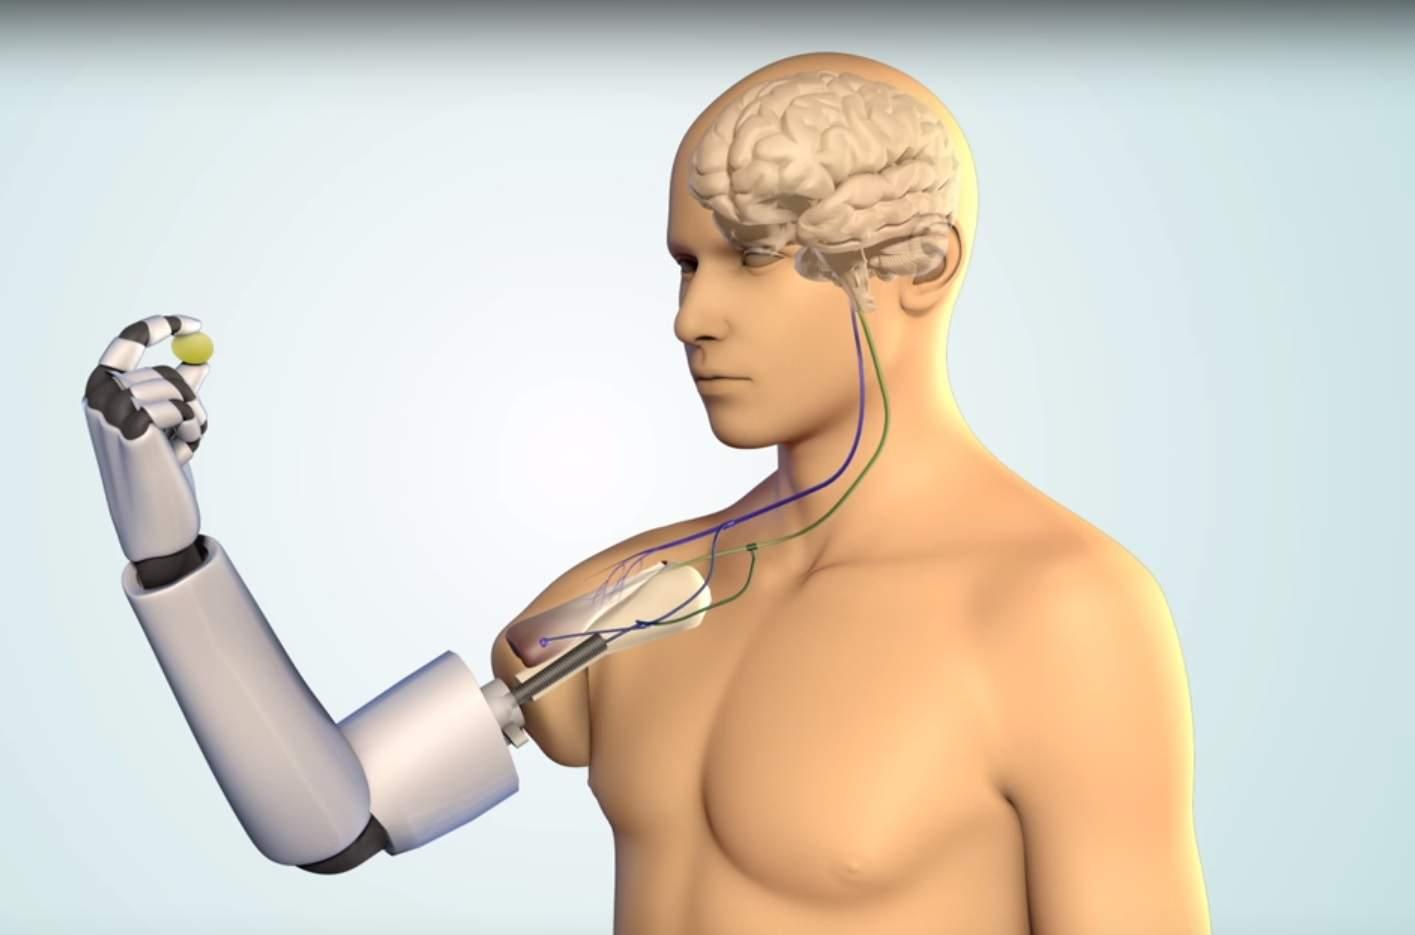 Благодаря бионическому протезу с 3D-печатными чипами человек сможет ощущать прикосновения